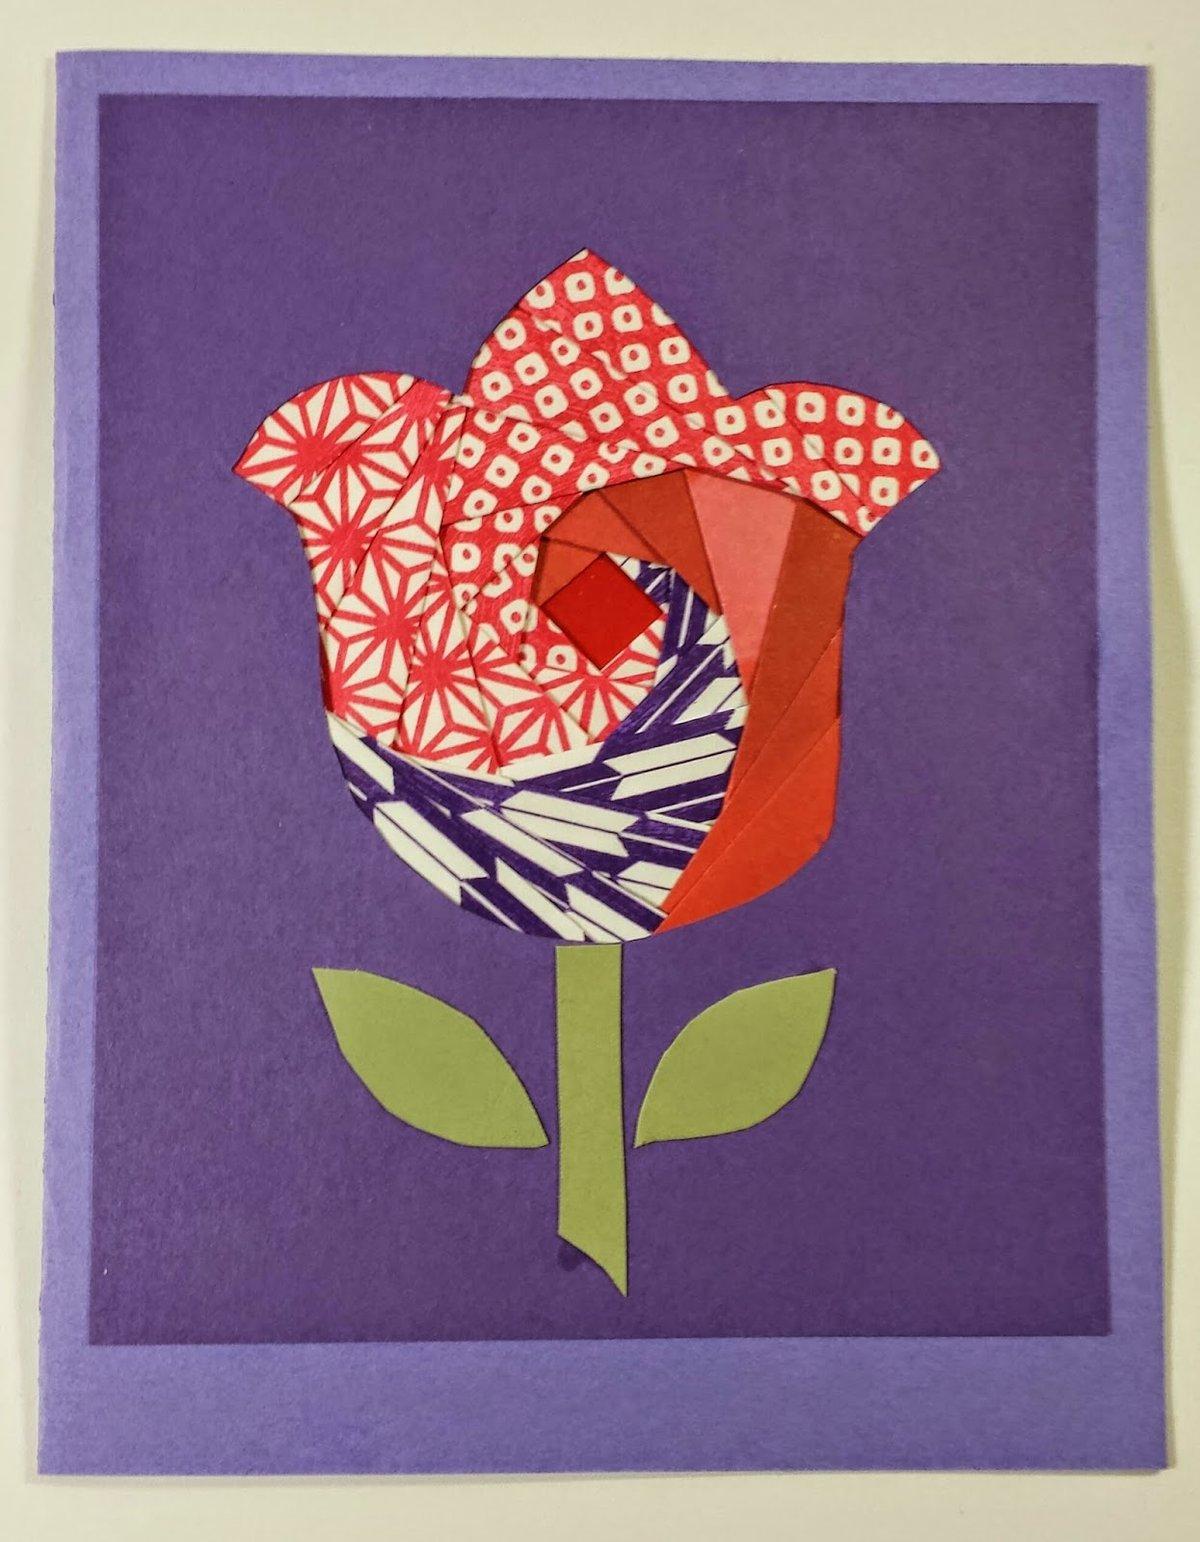 открытка маме в стиле айрис фолдинг номере сначала было